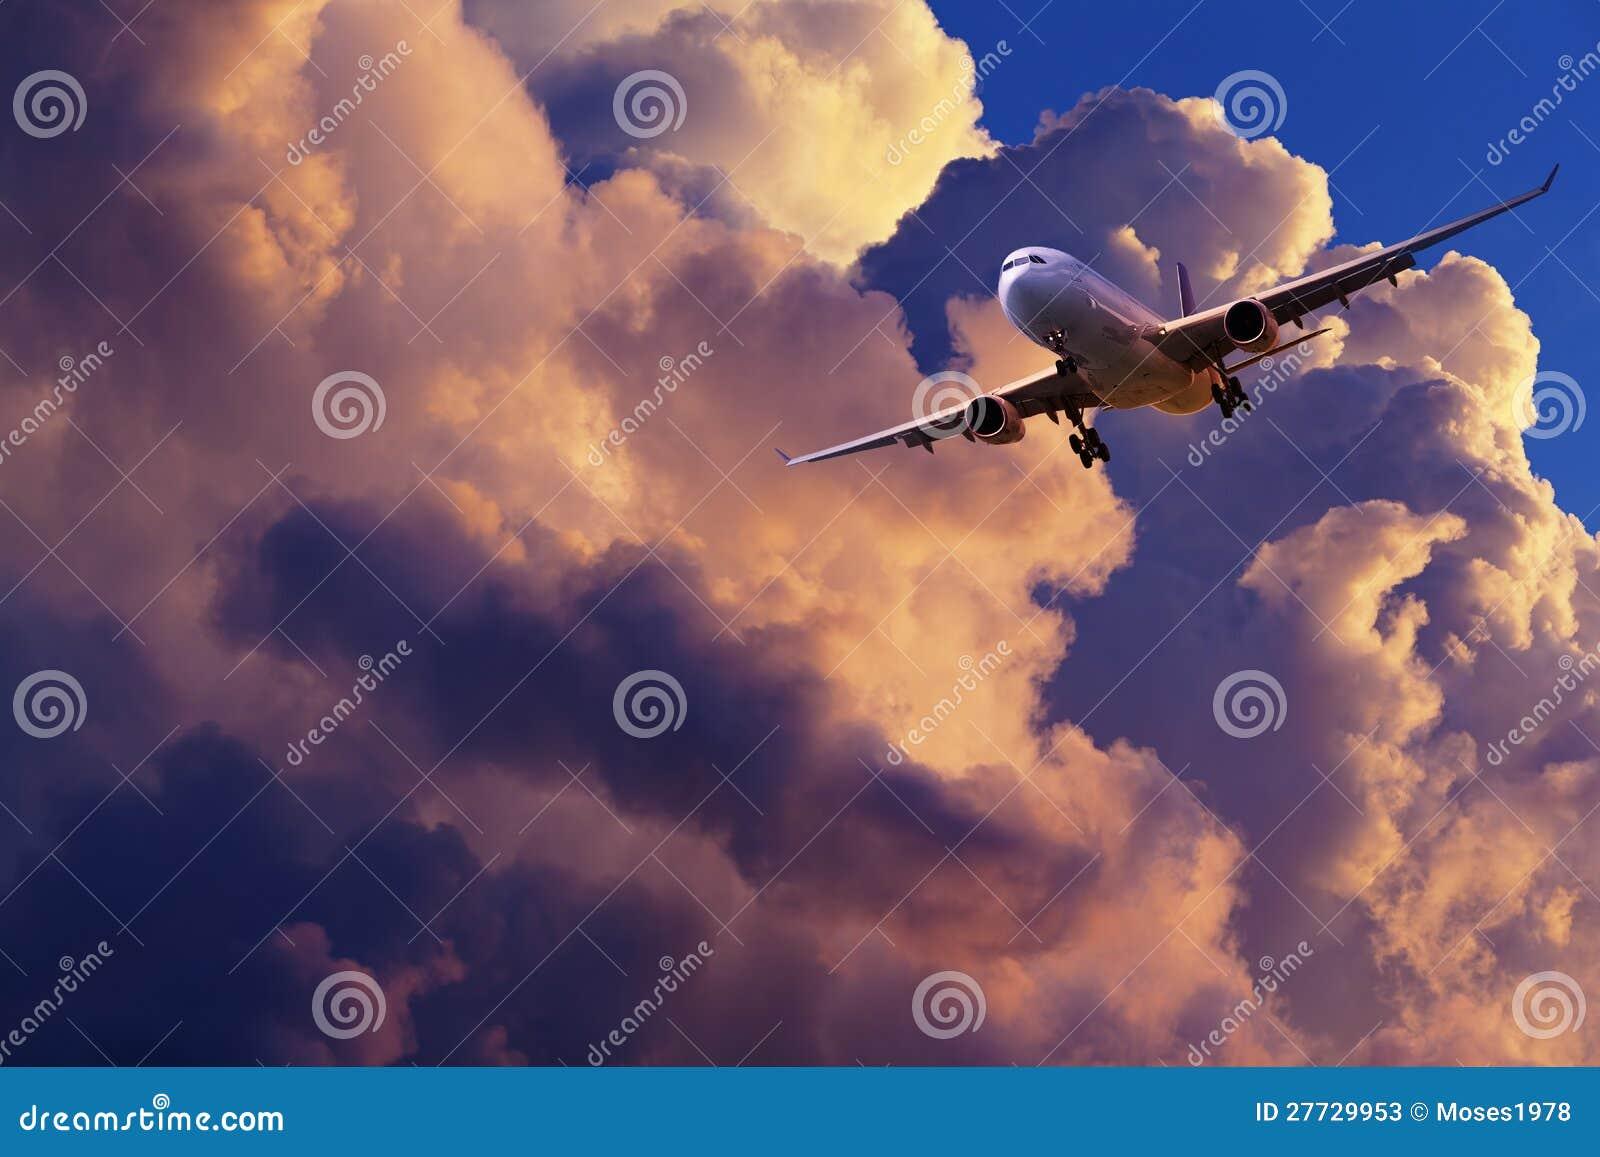 Strahl manövriert für Landung